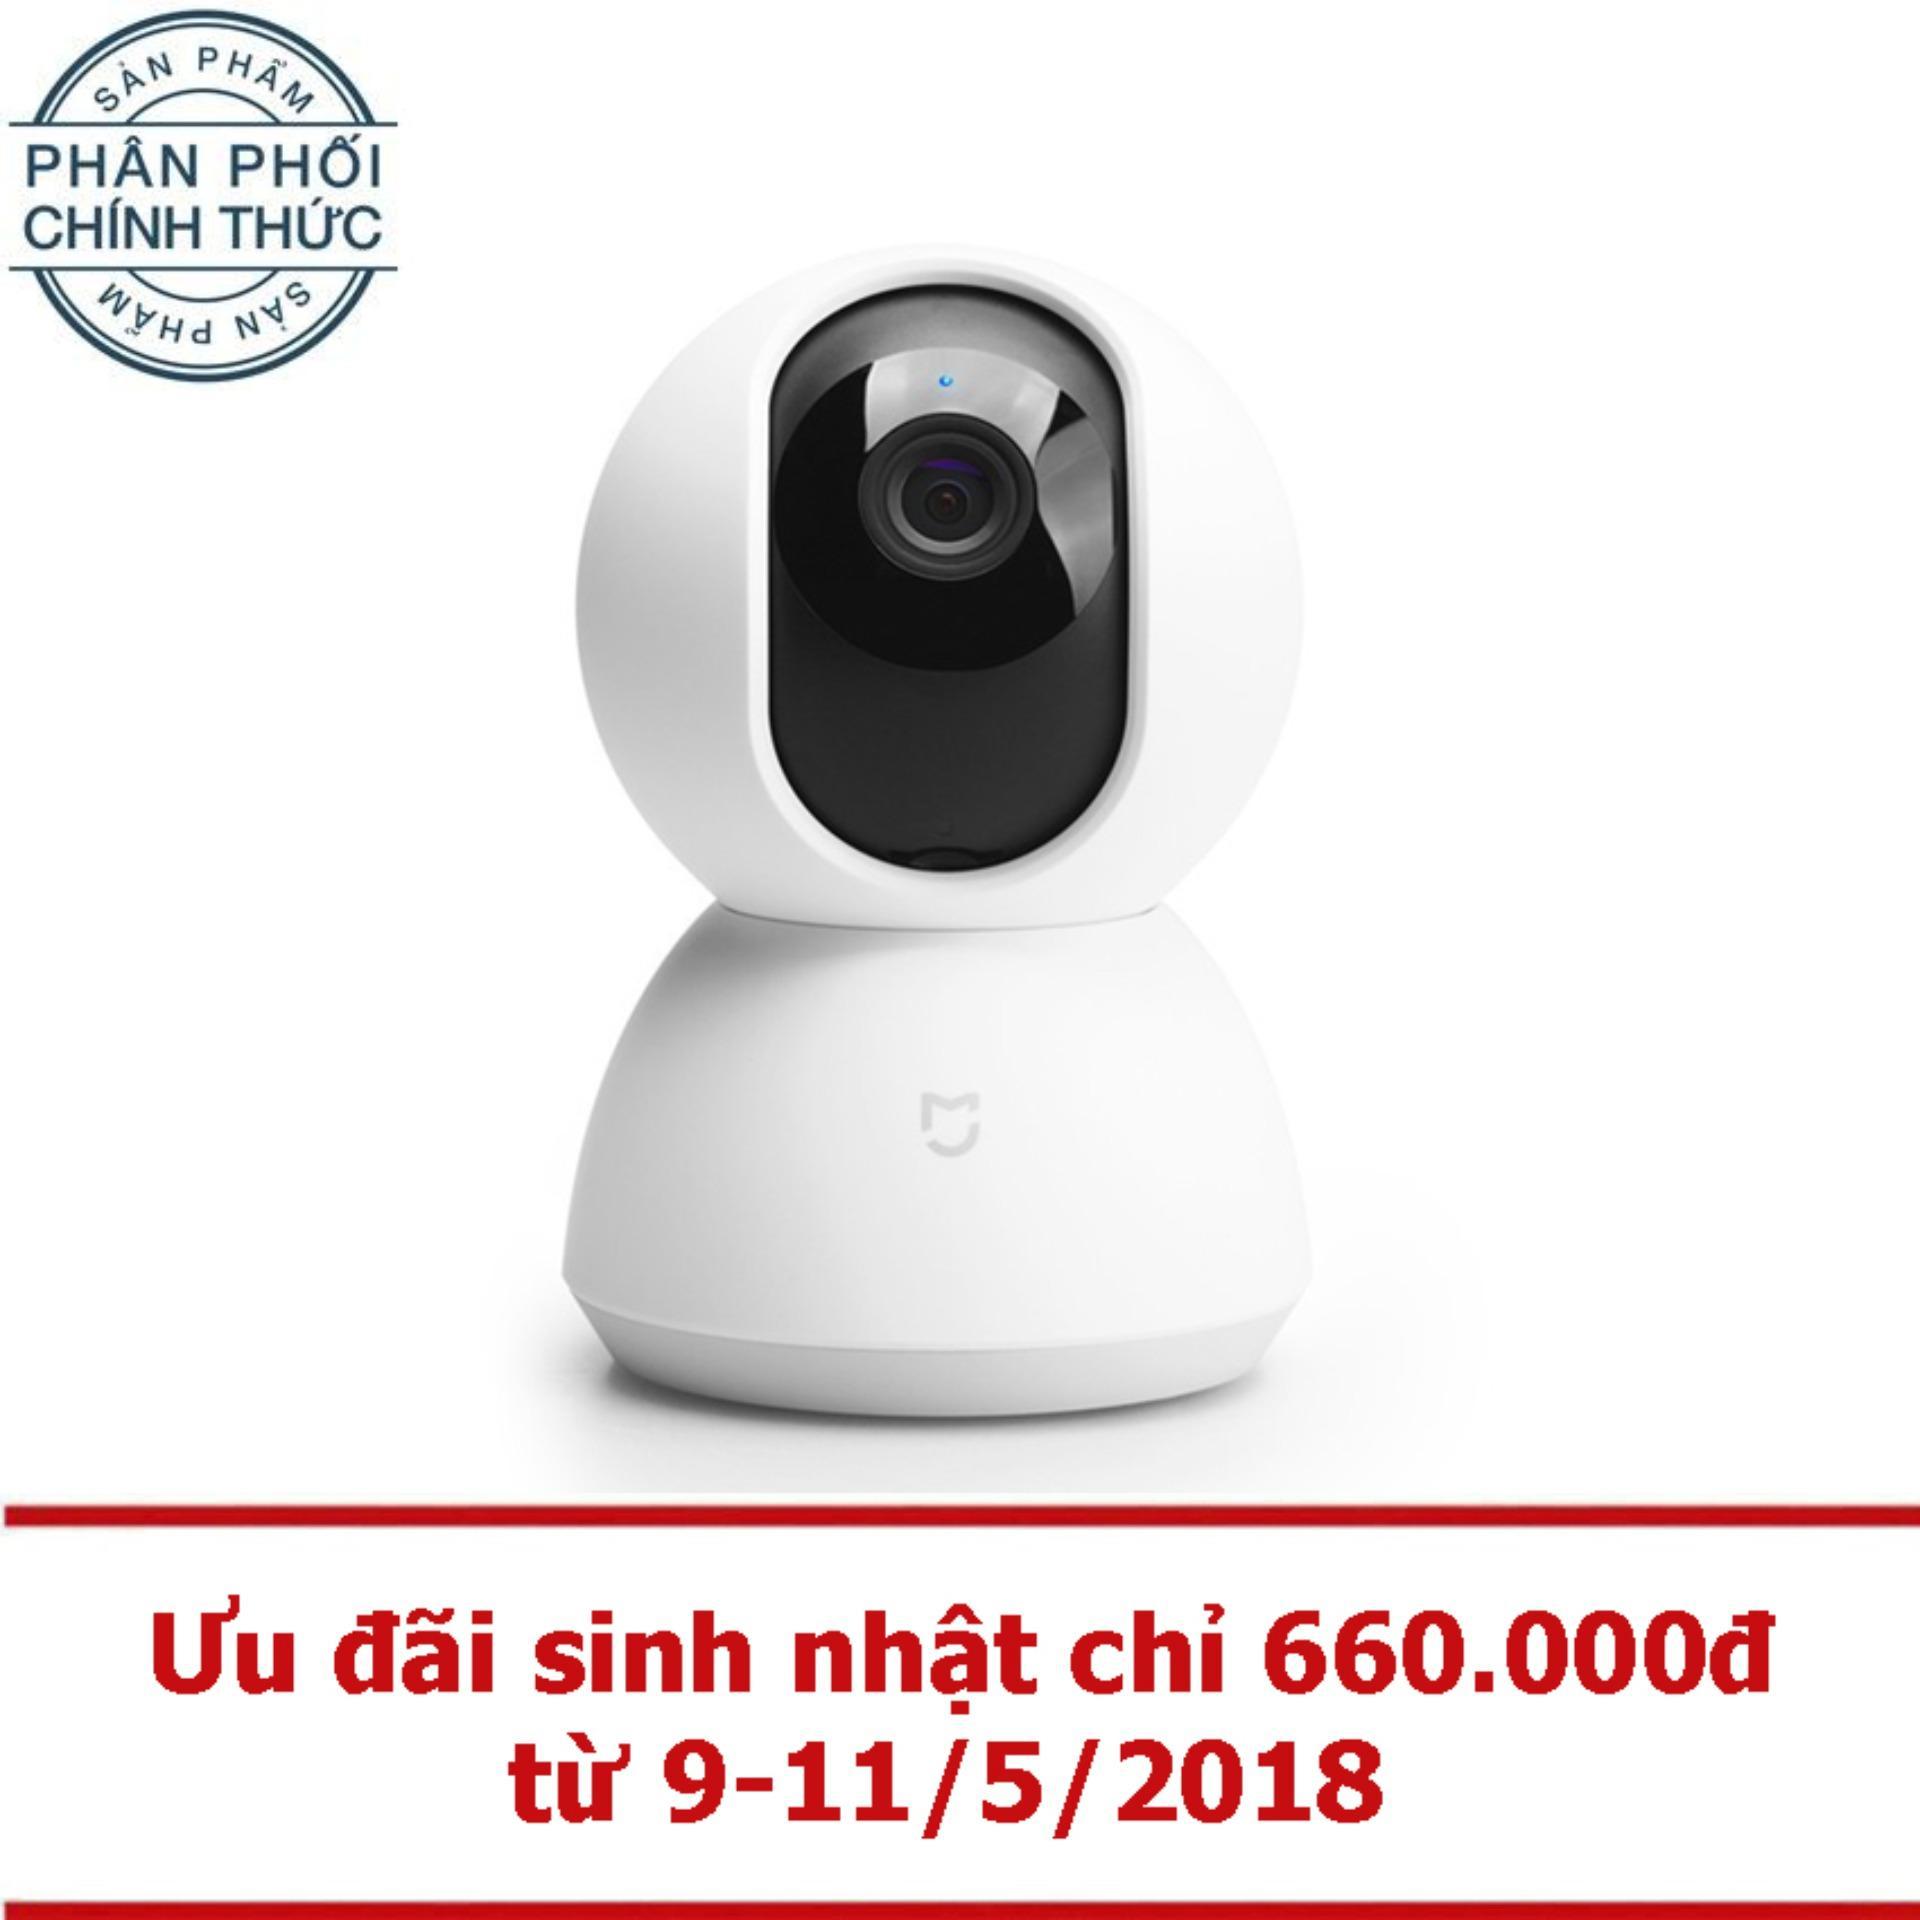 Giá Bán Rẻ Nhất Camera Ip Xiaomi Home 360 Hd 2017 Ptz Trắng Hang Phan Phối Chinh Thức